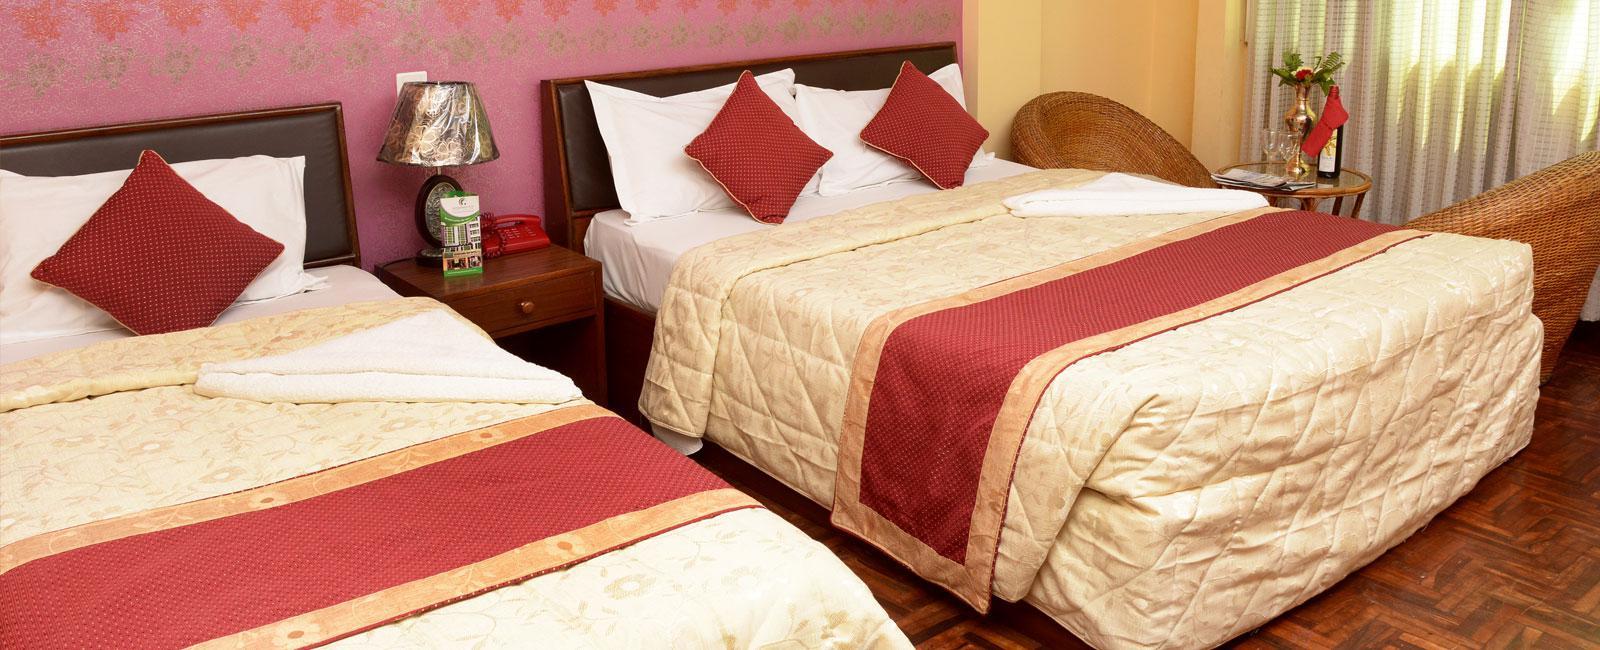 Kathmandu Eco Hotel Deluxe